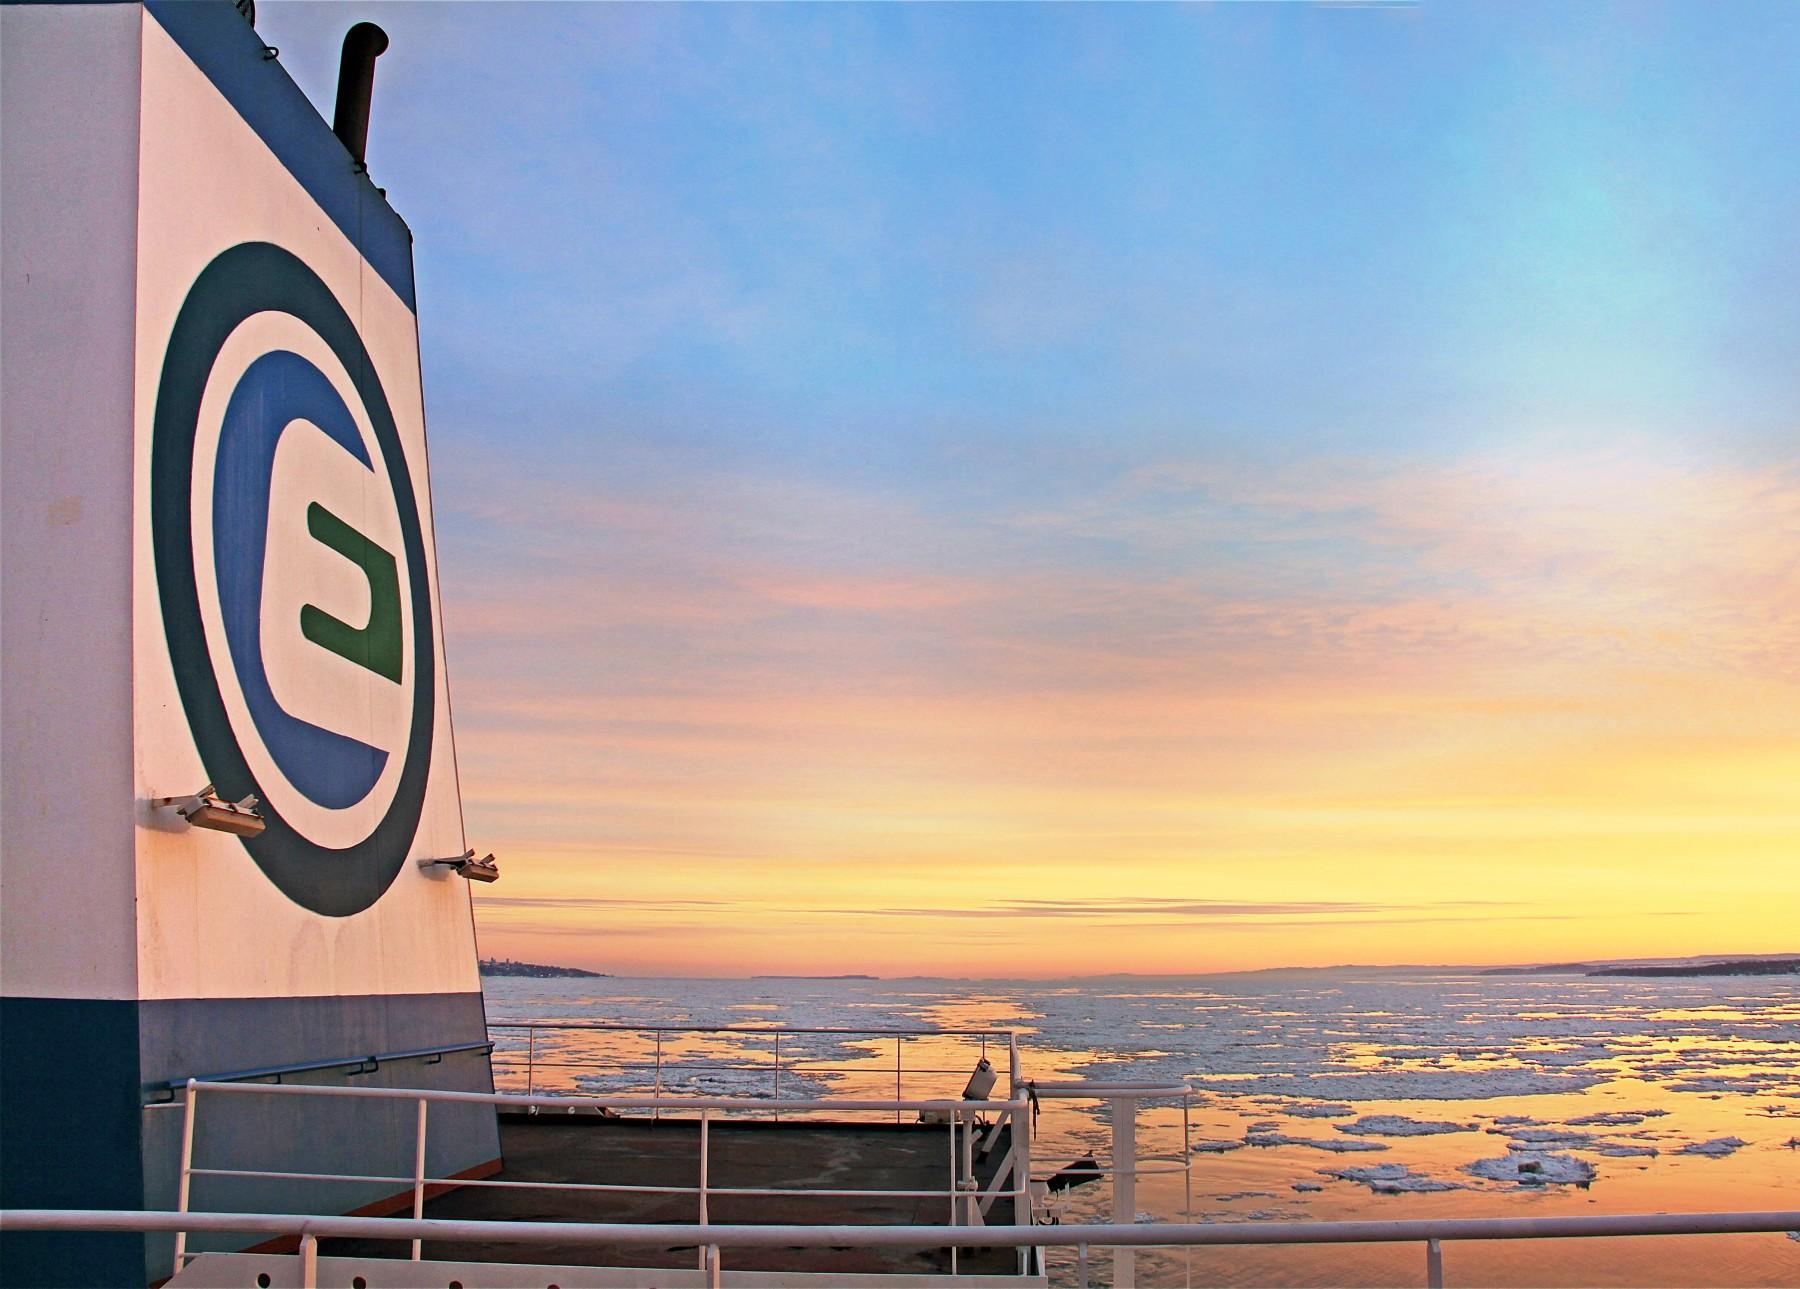 Εuronav: Νέες αγορές πλοίων μέσω συνεργασιών